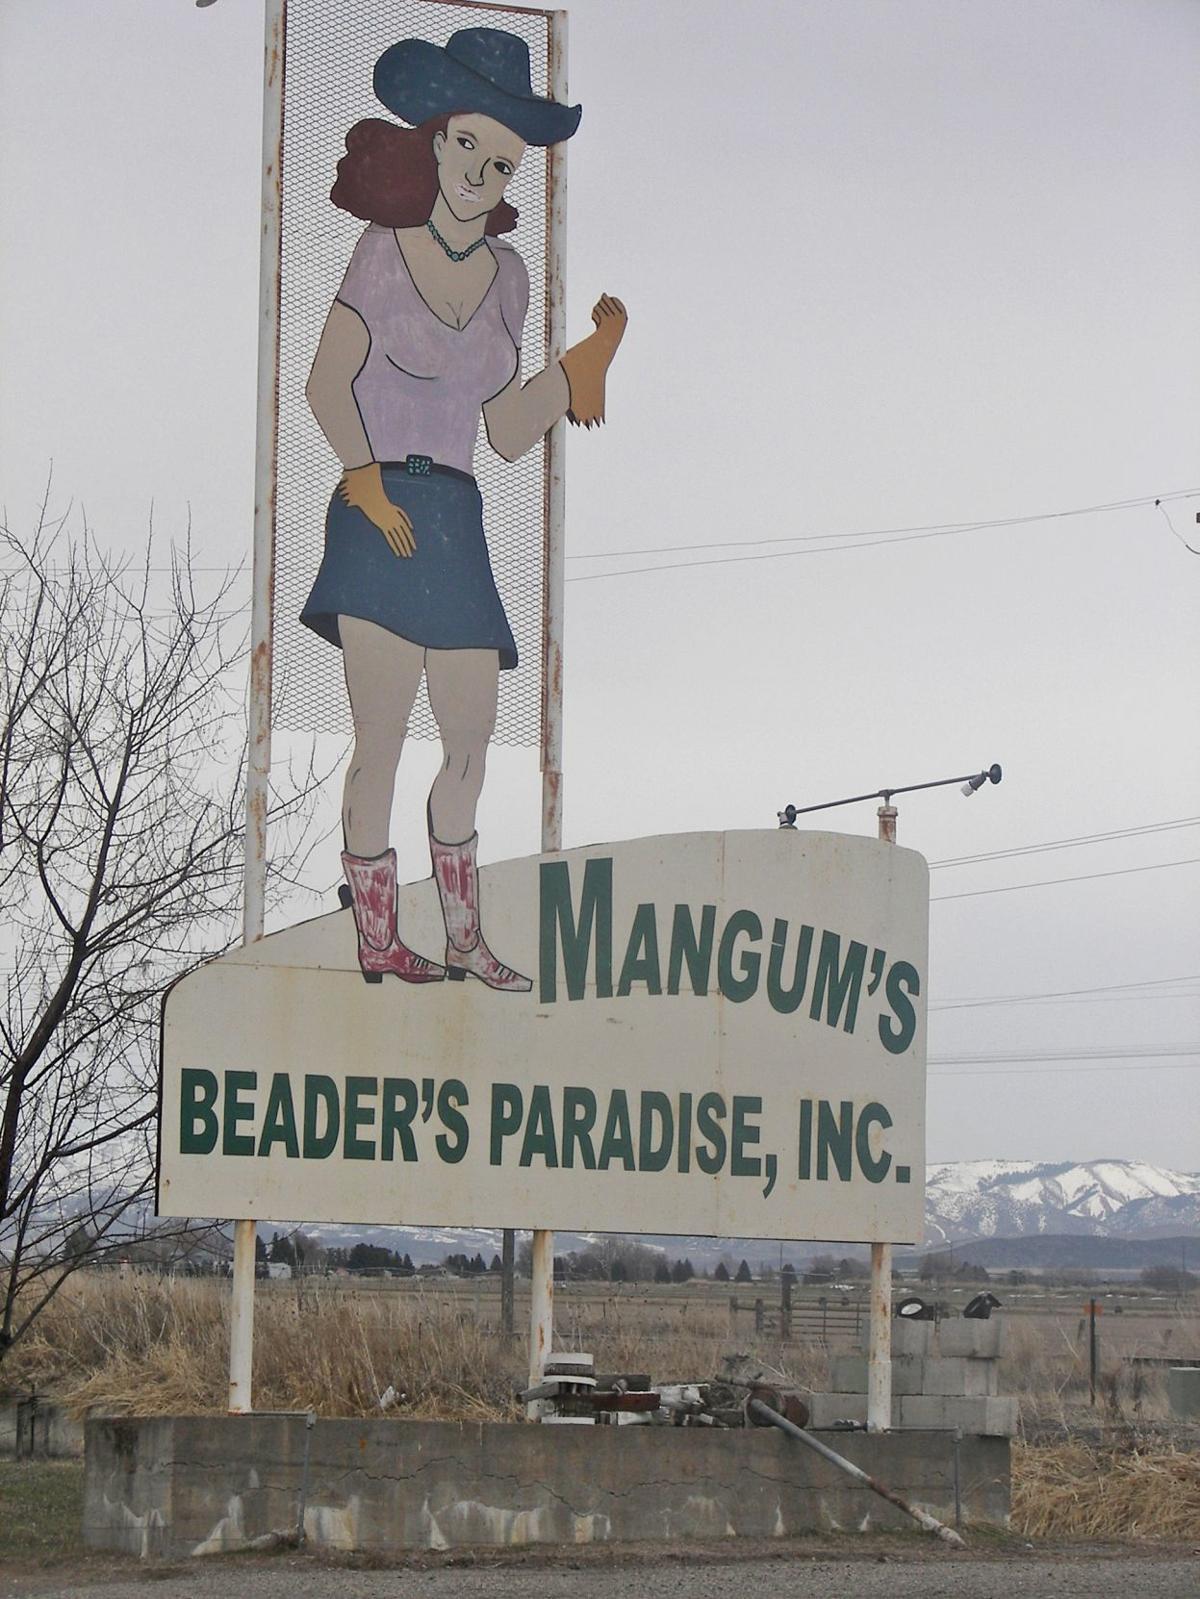 Mangum's sign